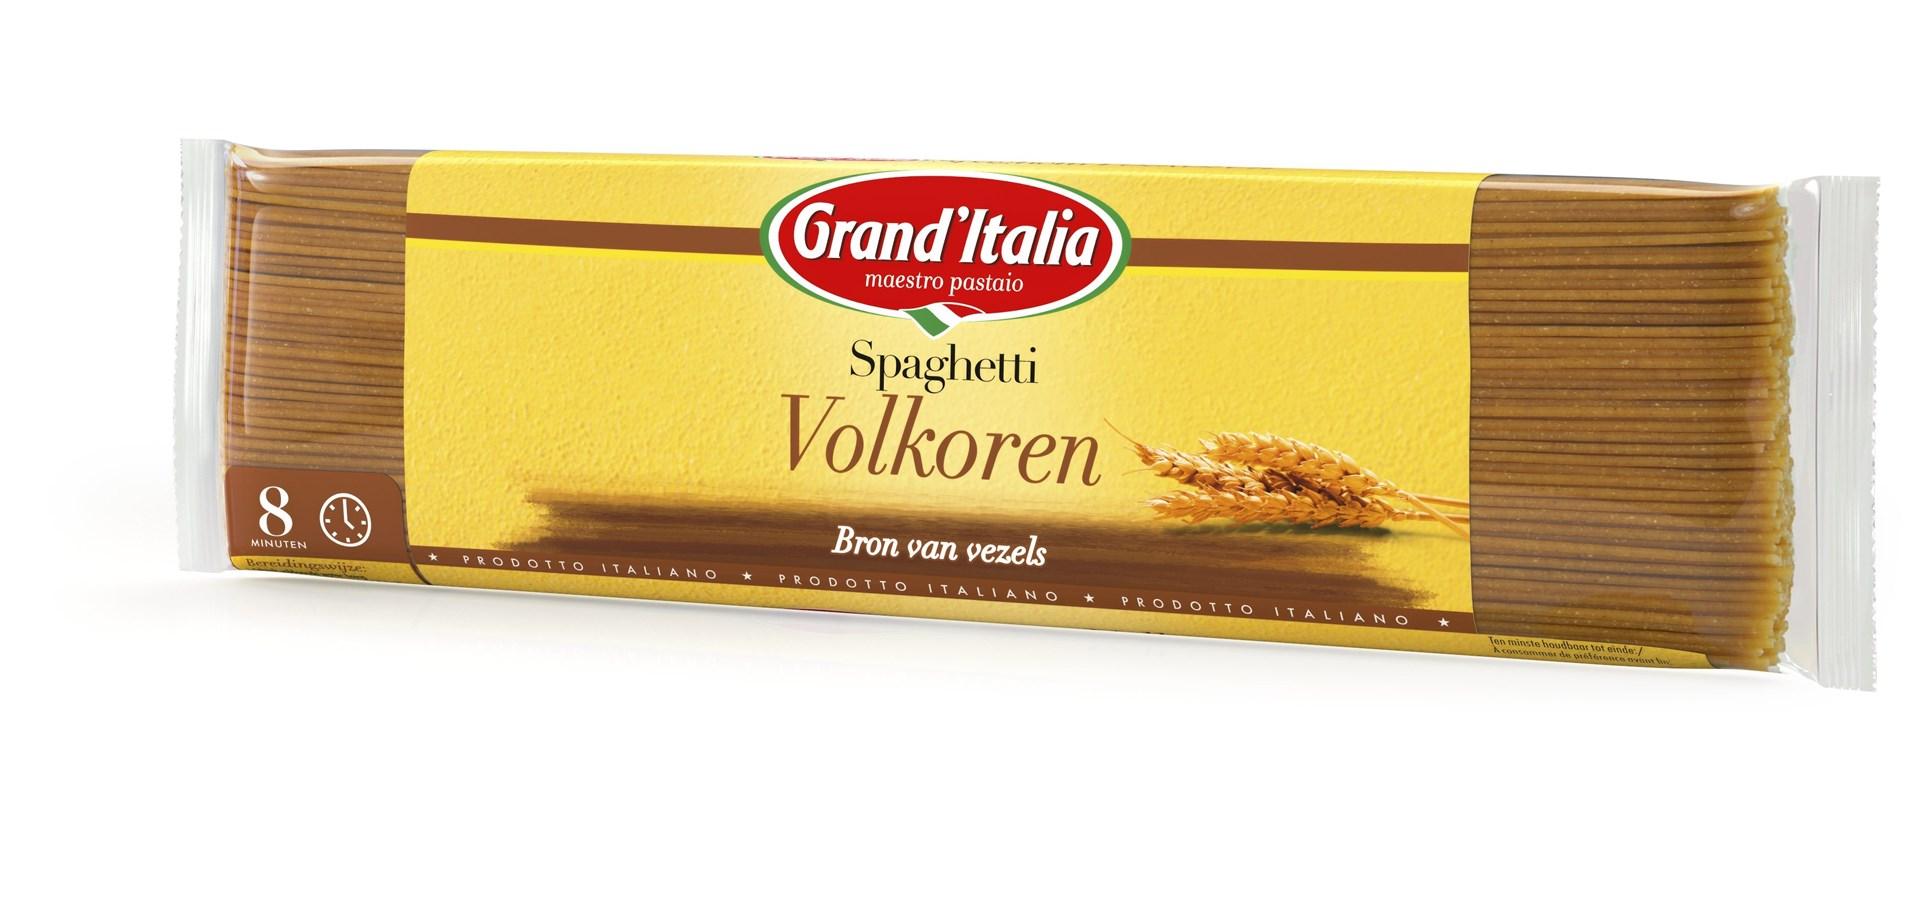 Productafbeelding Grand'Italia Pasta Spaghetti Volkoren 500 g Zak